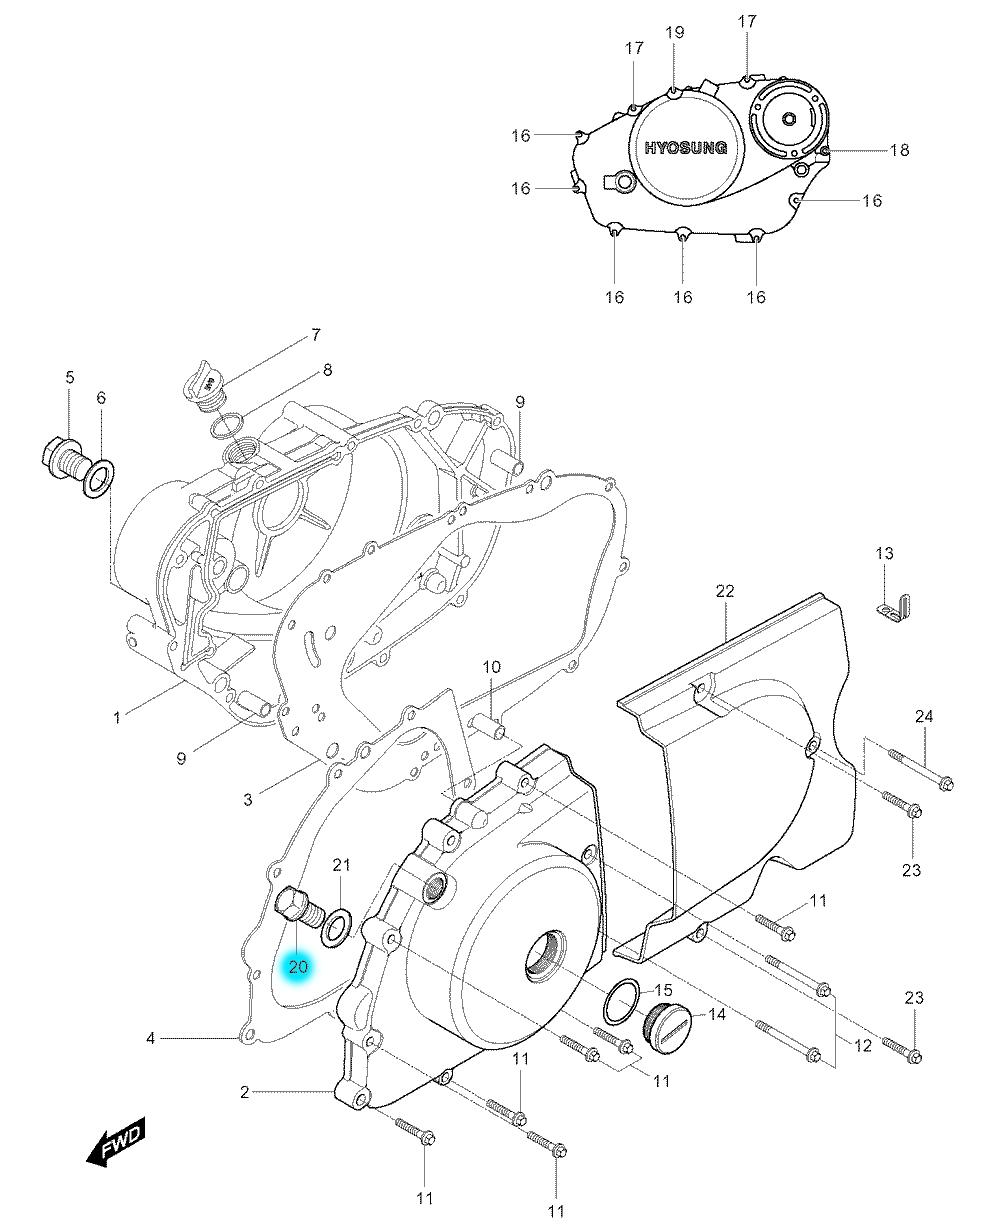 [20] Šroubová zátka (motor - kryty skříně) - Hyosung GV 250